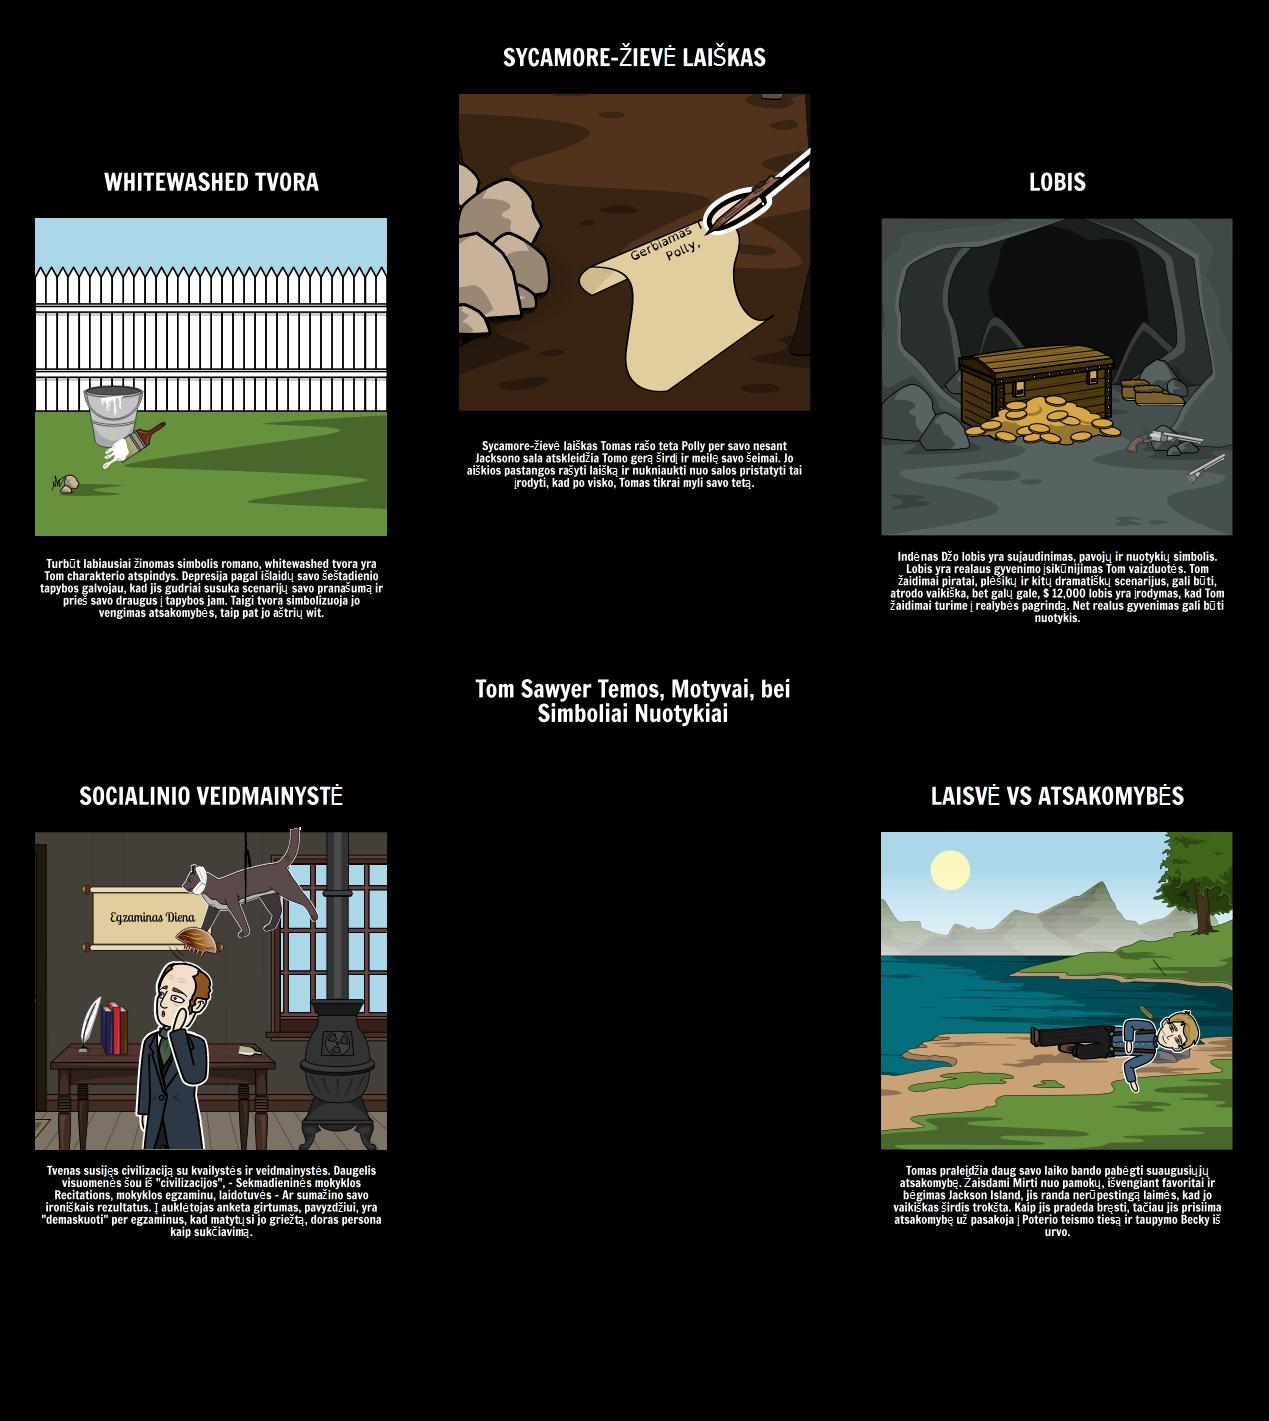 Tom Sawyer Temos, Motyvai, bei Simboliai Nuotykiai